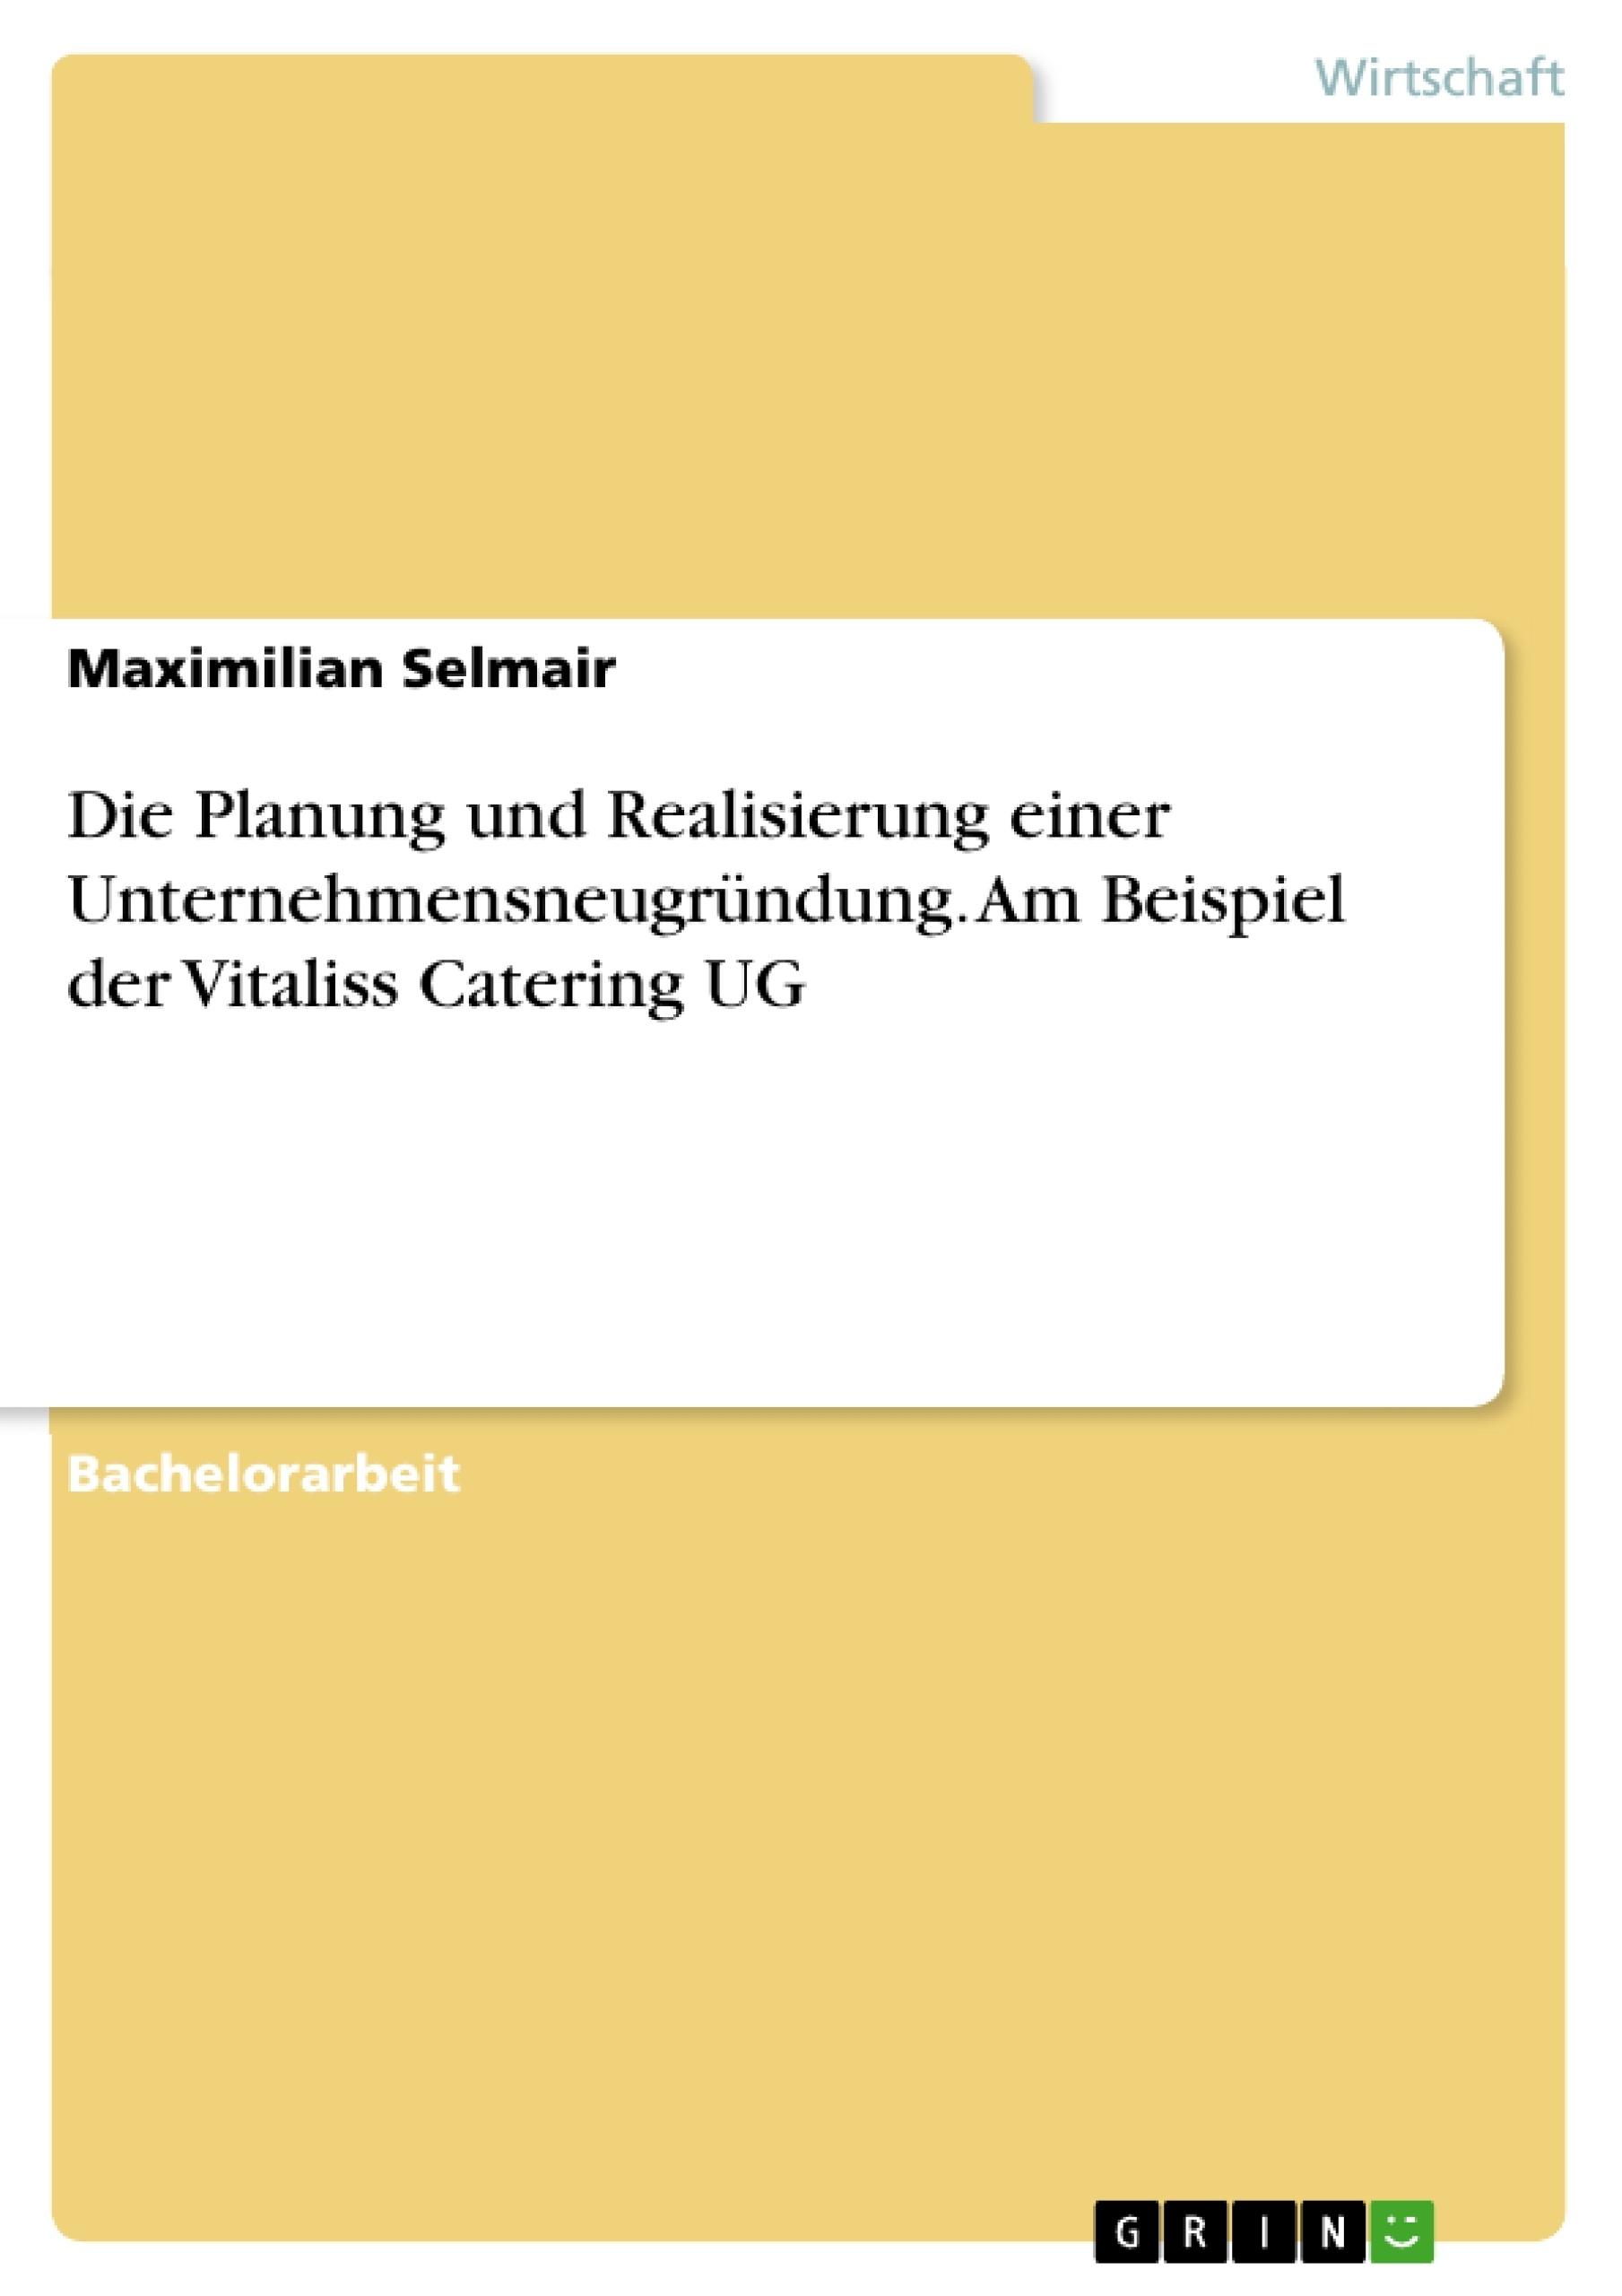 Titel: Die Planung und Realisierung einer Unternehmensneugründung. Am Beispiel der Vitaliss Catering UG